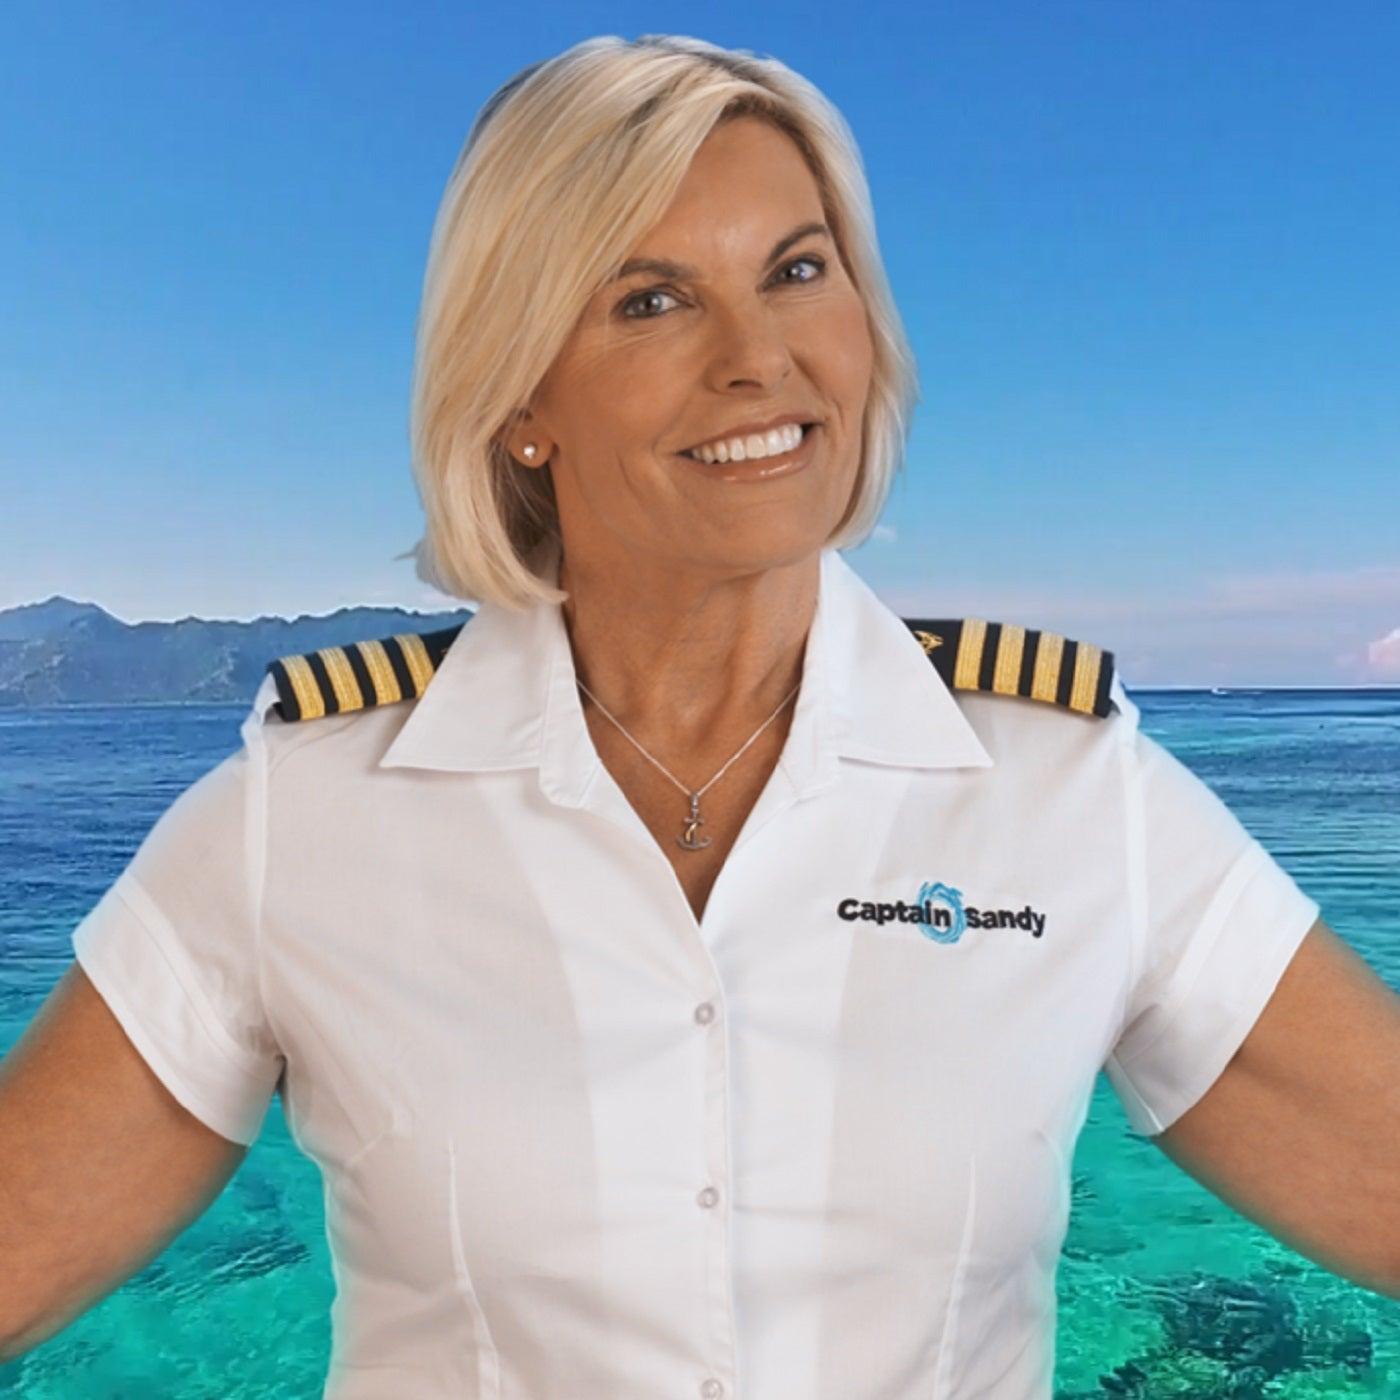 Captain Sandy: Lead-Her-Ship Tour